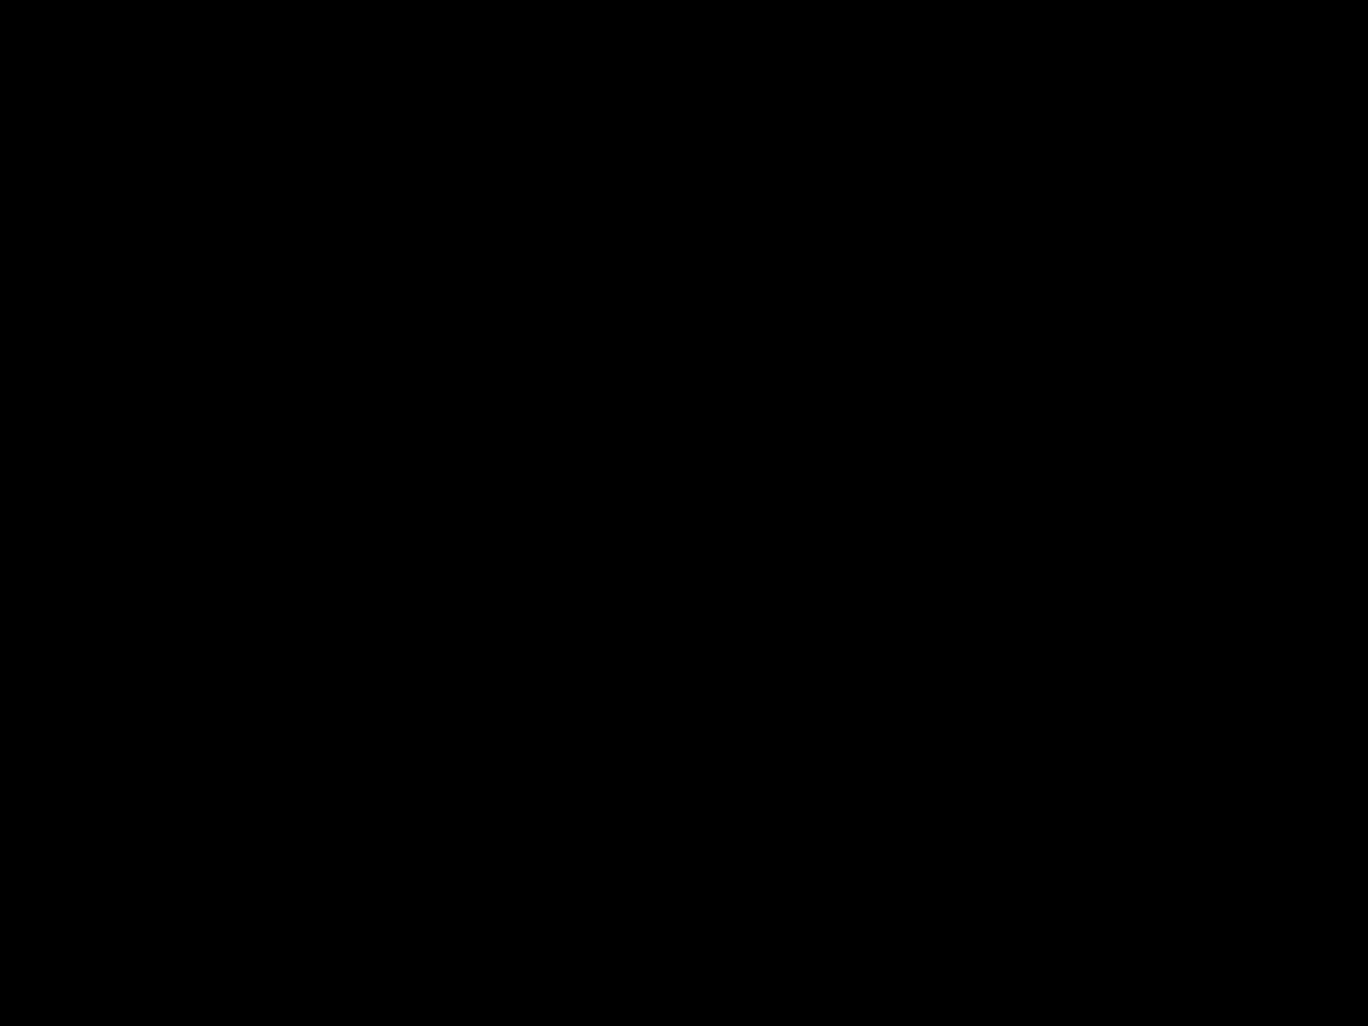 SB4000 PCB (BLANK)